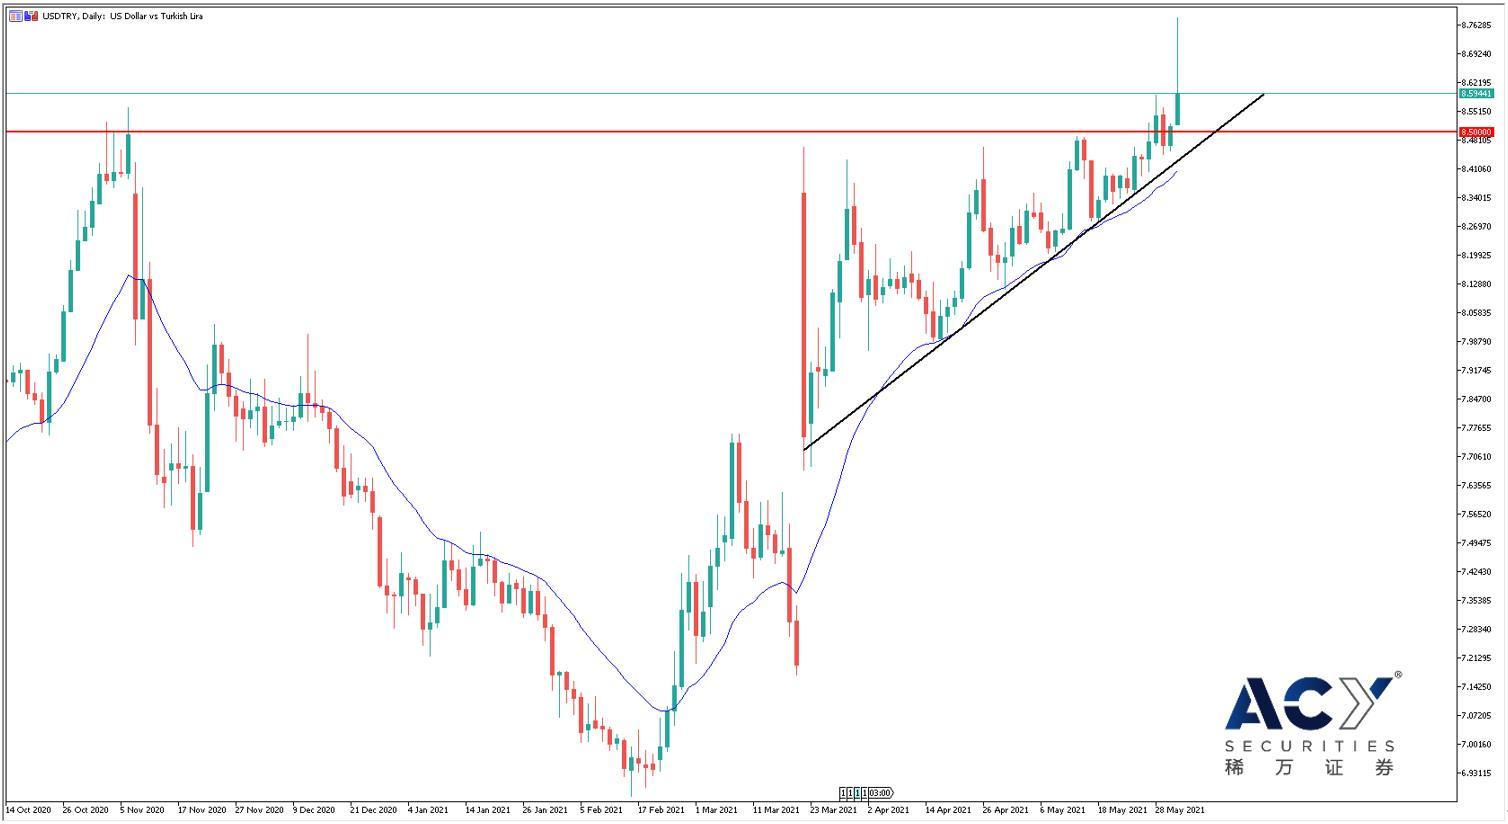 ACY稀万证券:OPEC产油国按计划增产,油价不跌反涨破前高